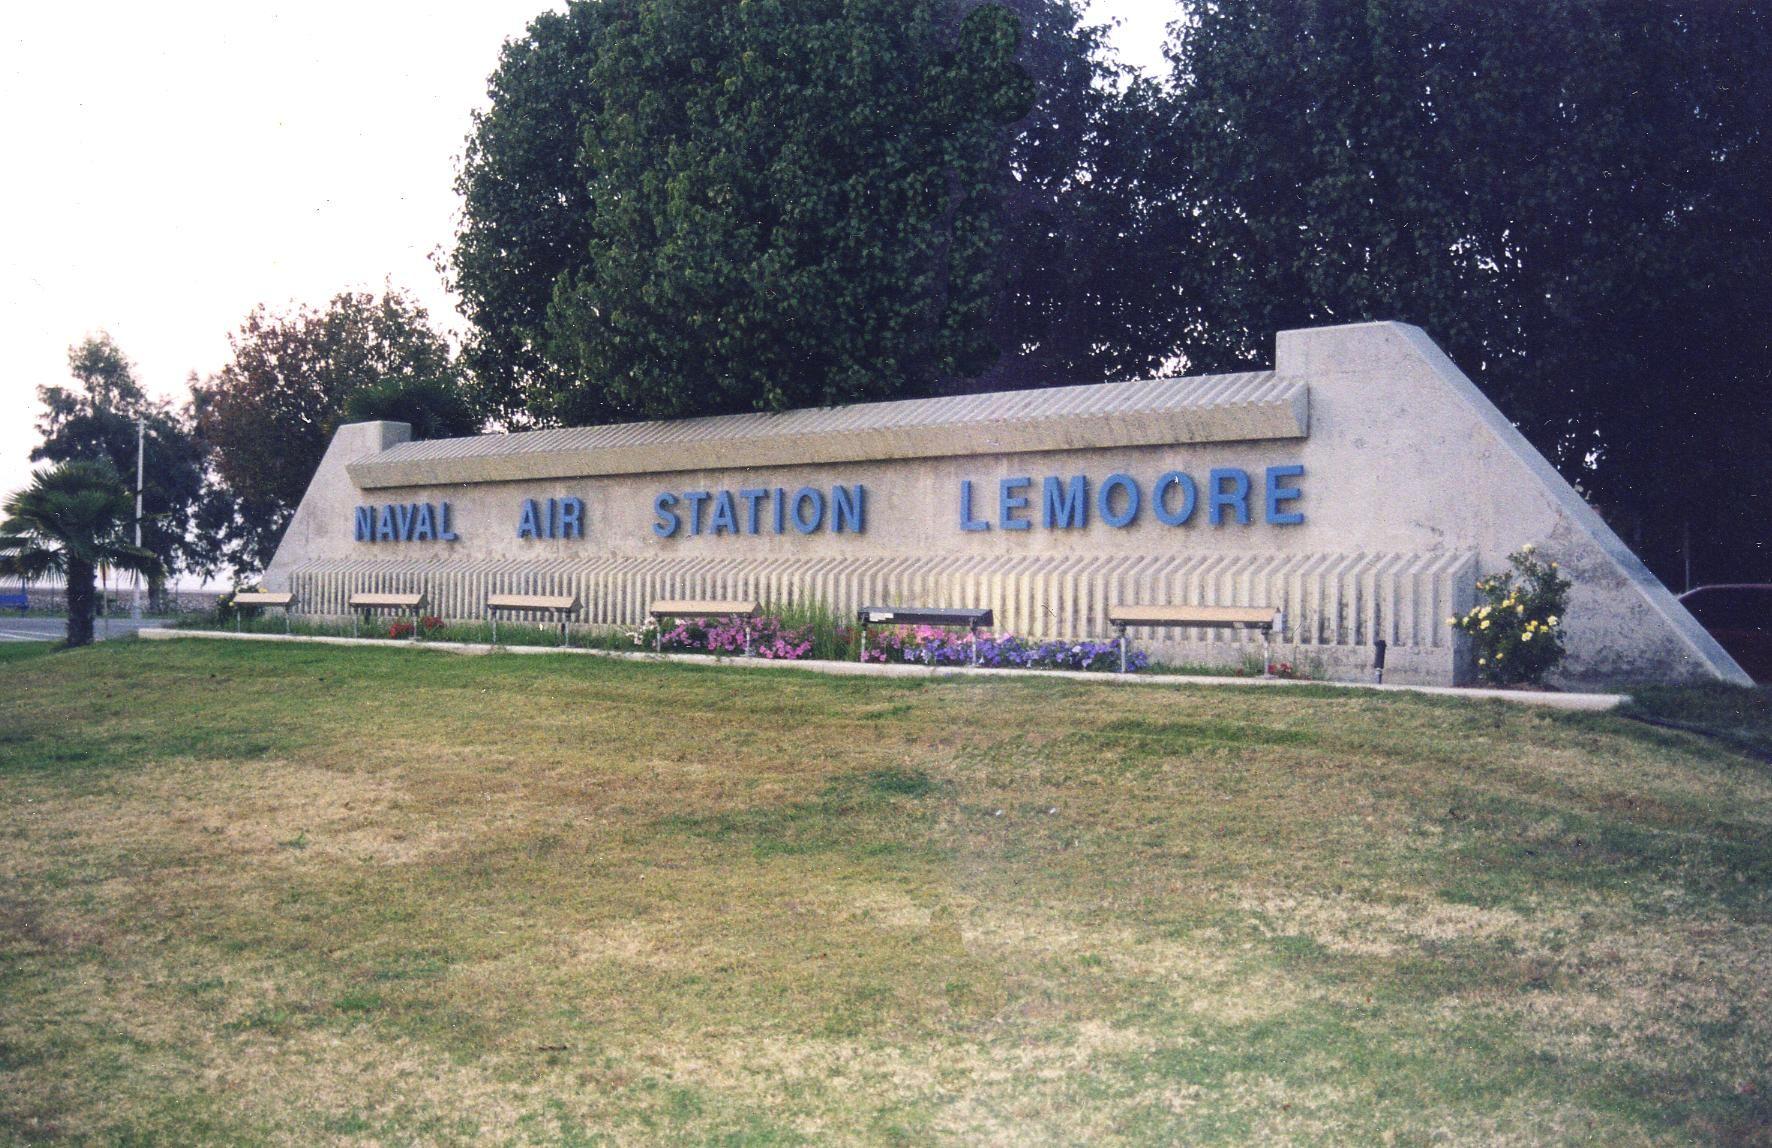 Naval Air Station Lamoore, Lemoore, CA 2014 NAS